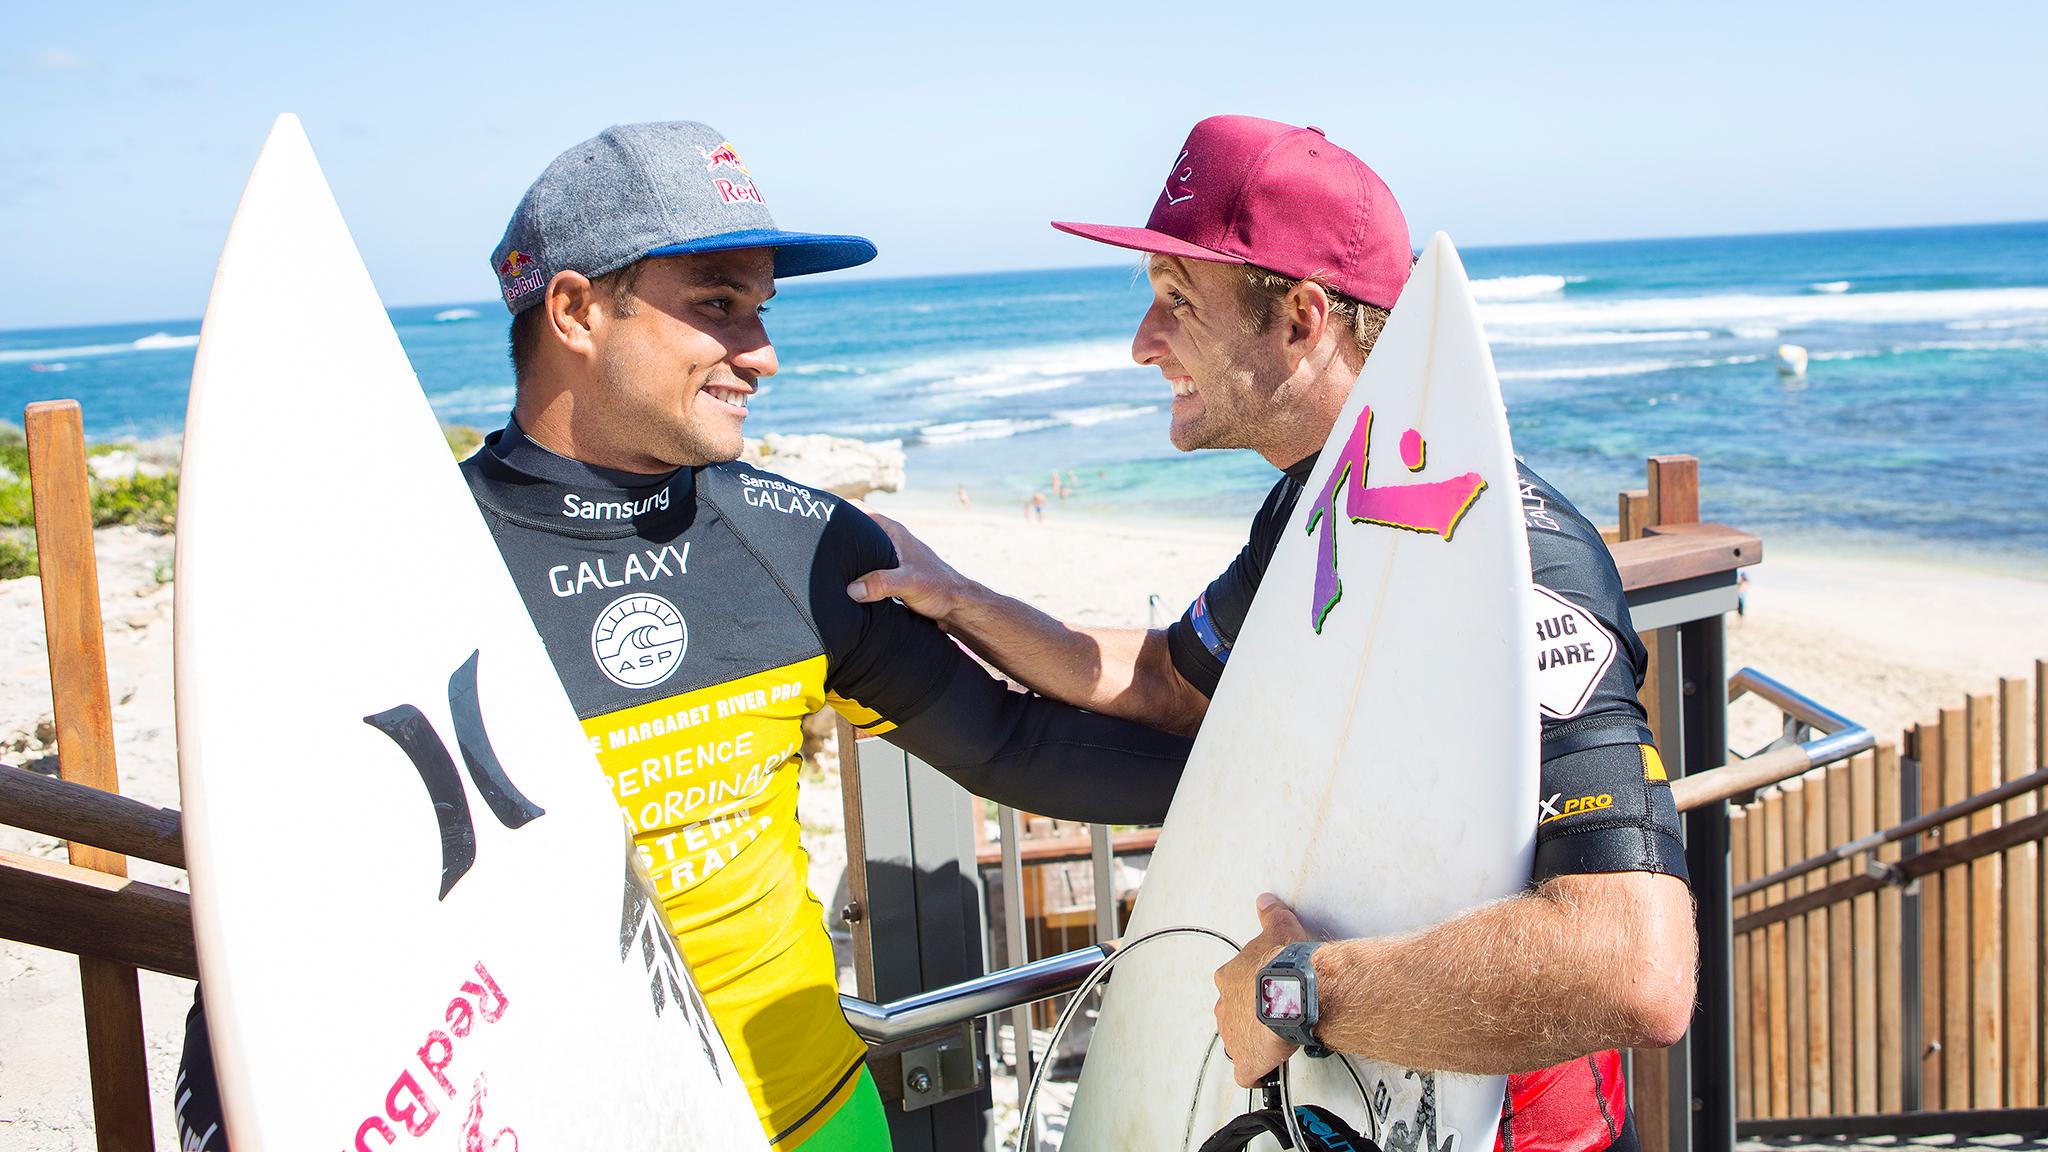 Michel Bourez, Josh Kerr